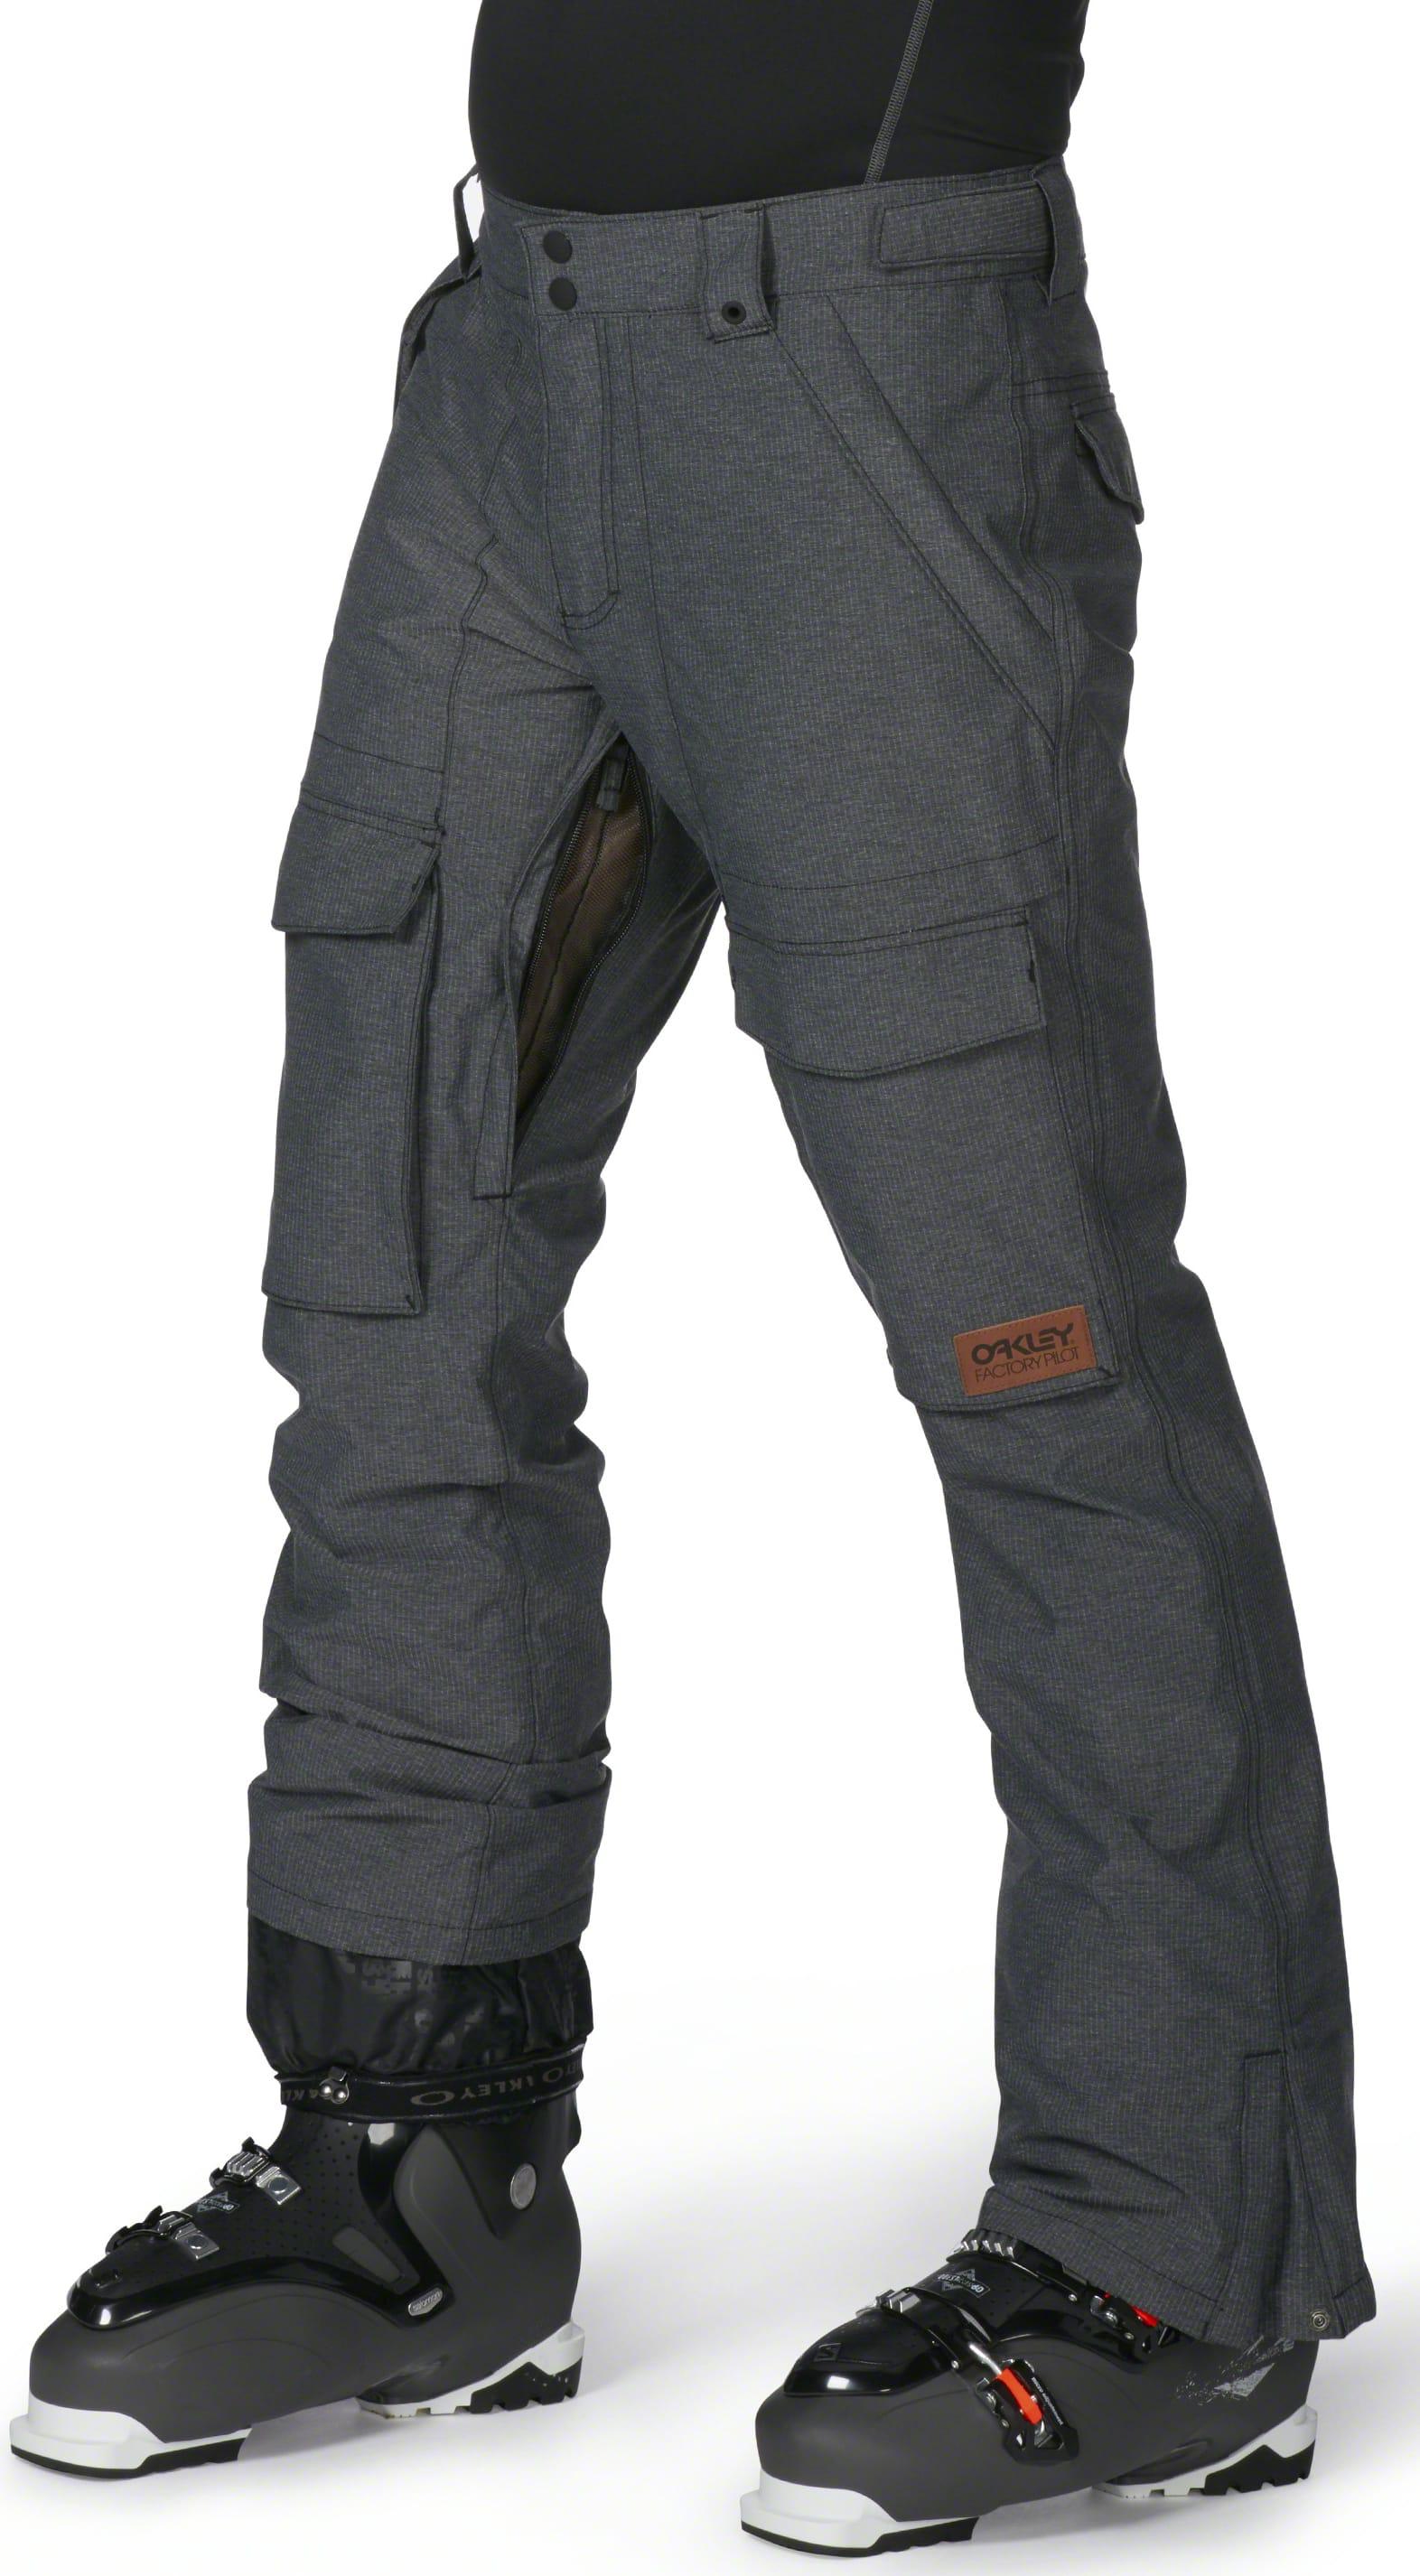 Oakley Snowboard Pants